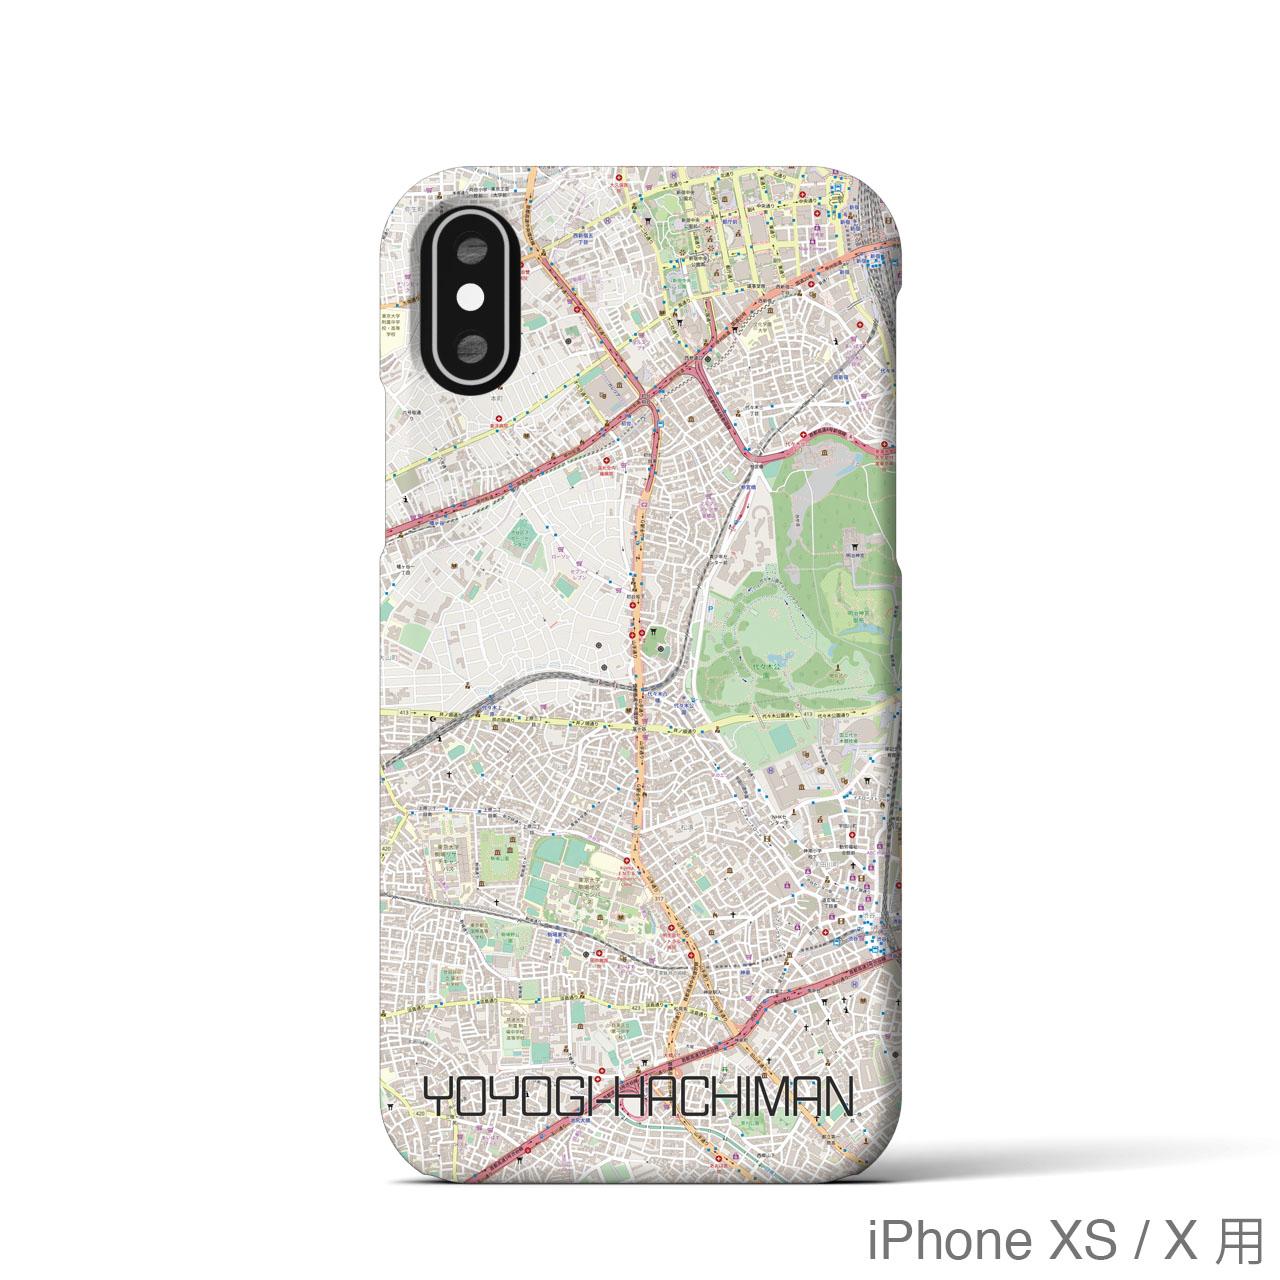 【代々木八幡】地図柄iPhoneケース(バックカバータイプ・ナチュラル)